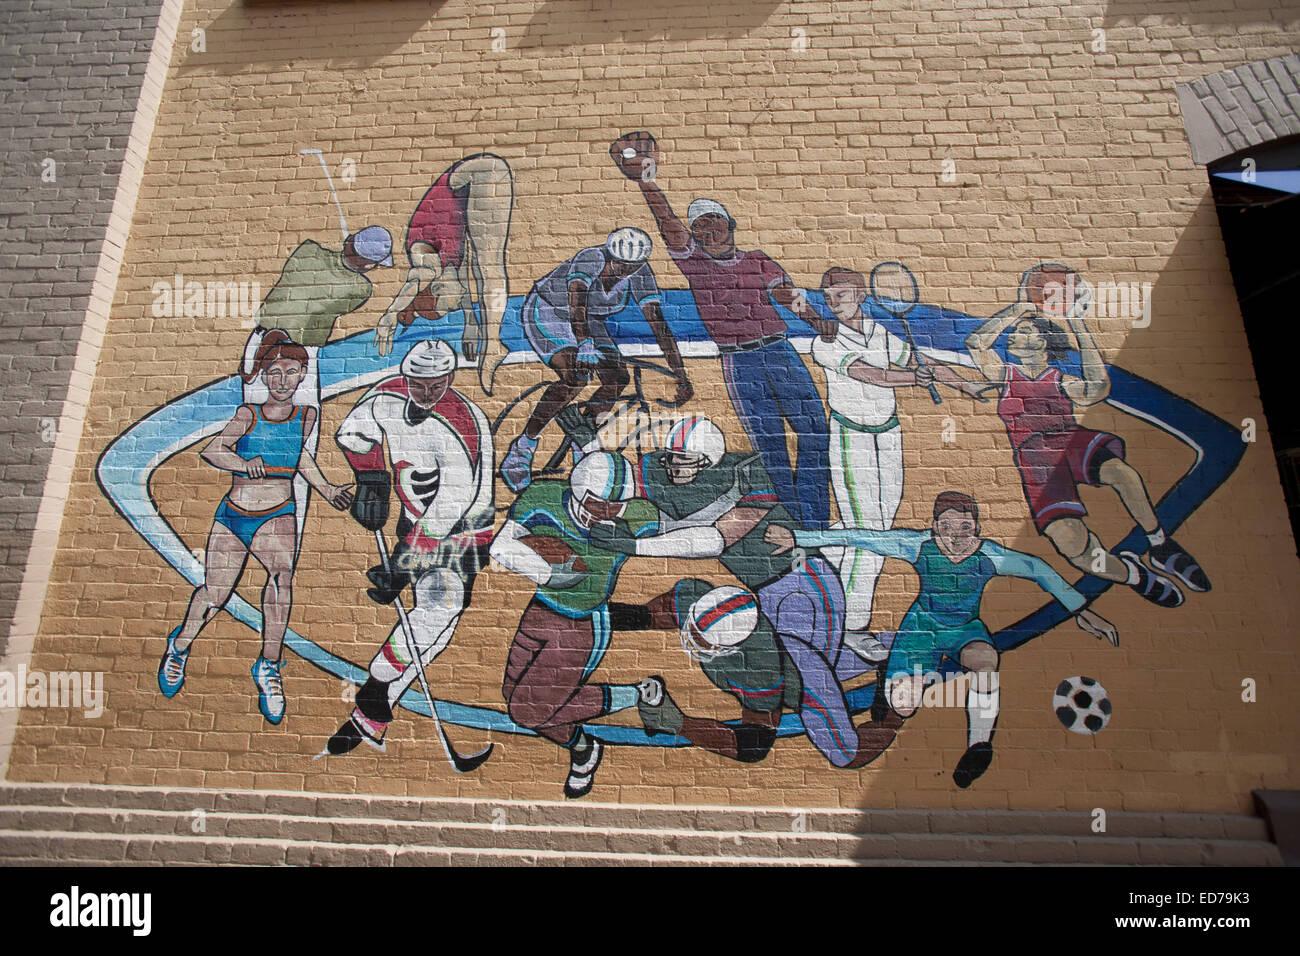 Graffiti wall ann arbor - Graffiti Alley Ann Arbor